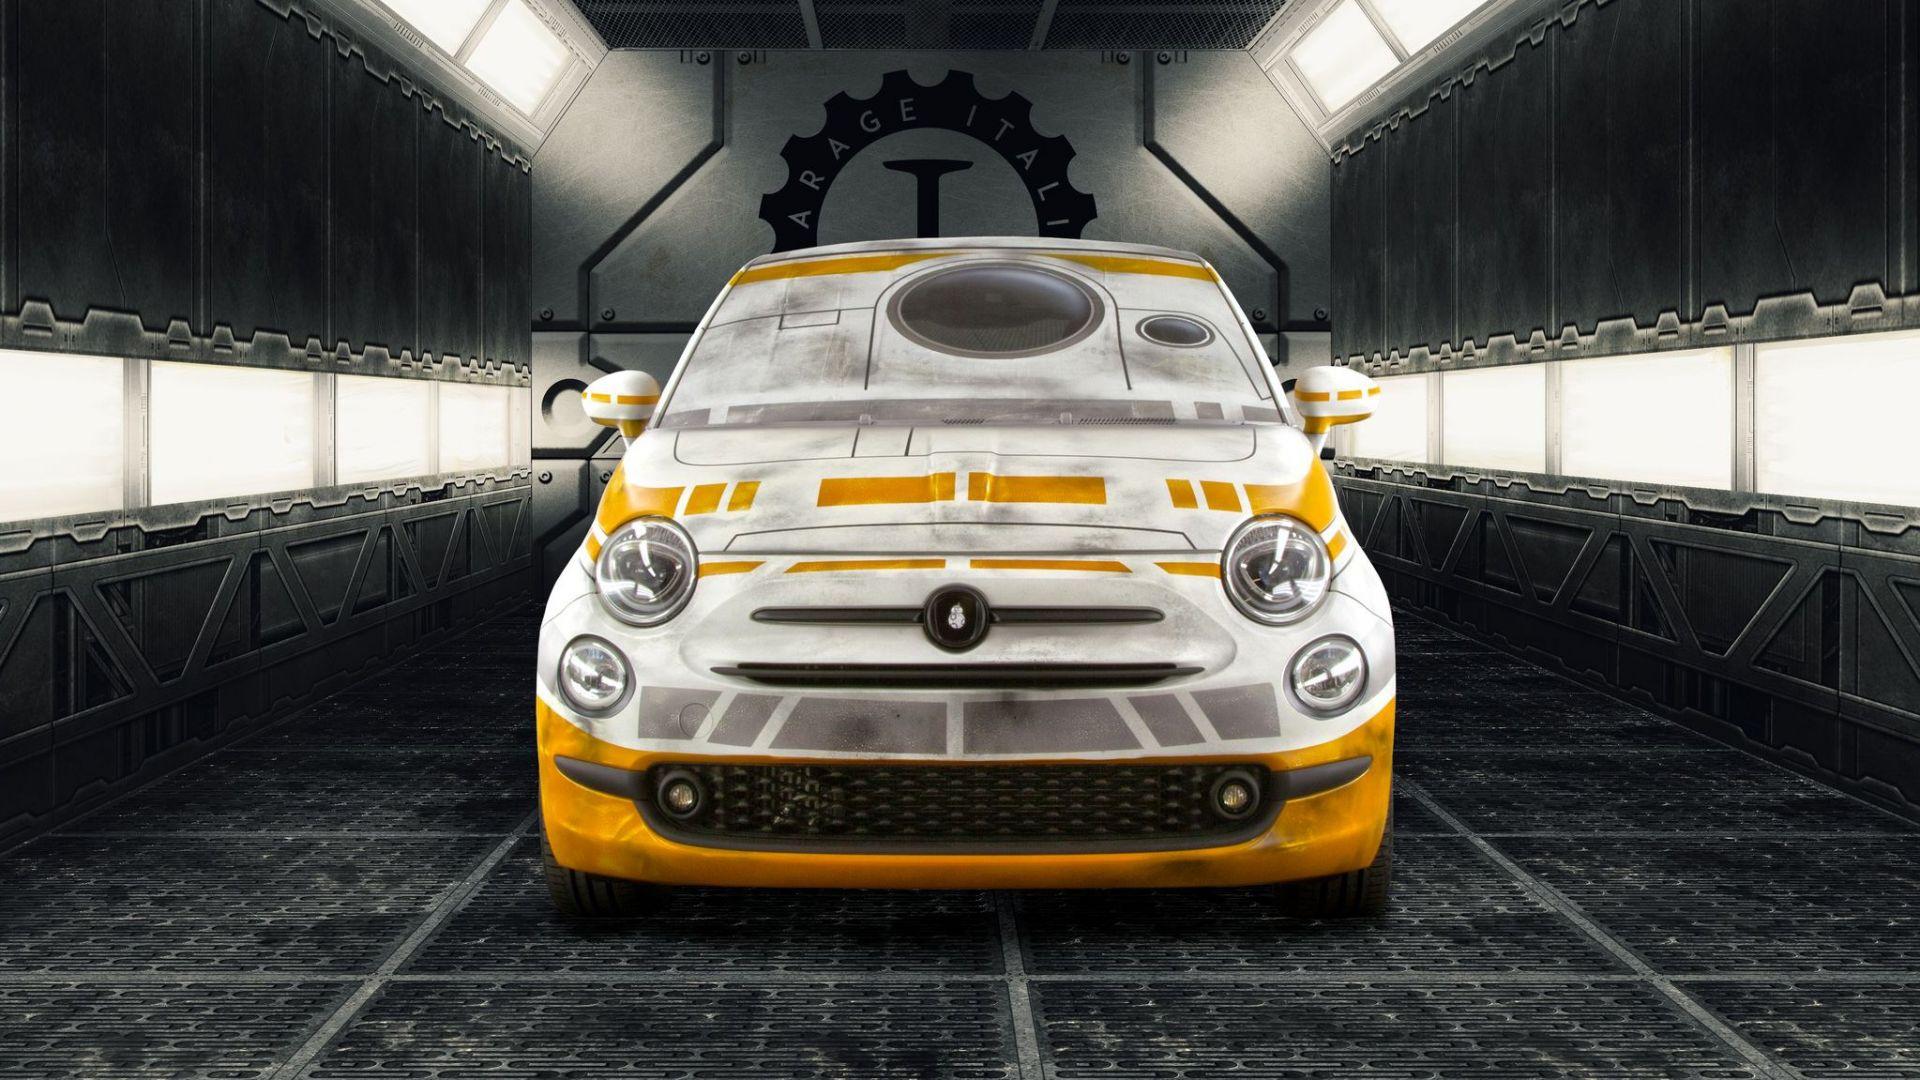 Novit auto garage italia customs le 500 di star wars for Garage auto star antony